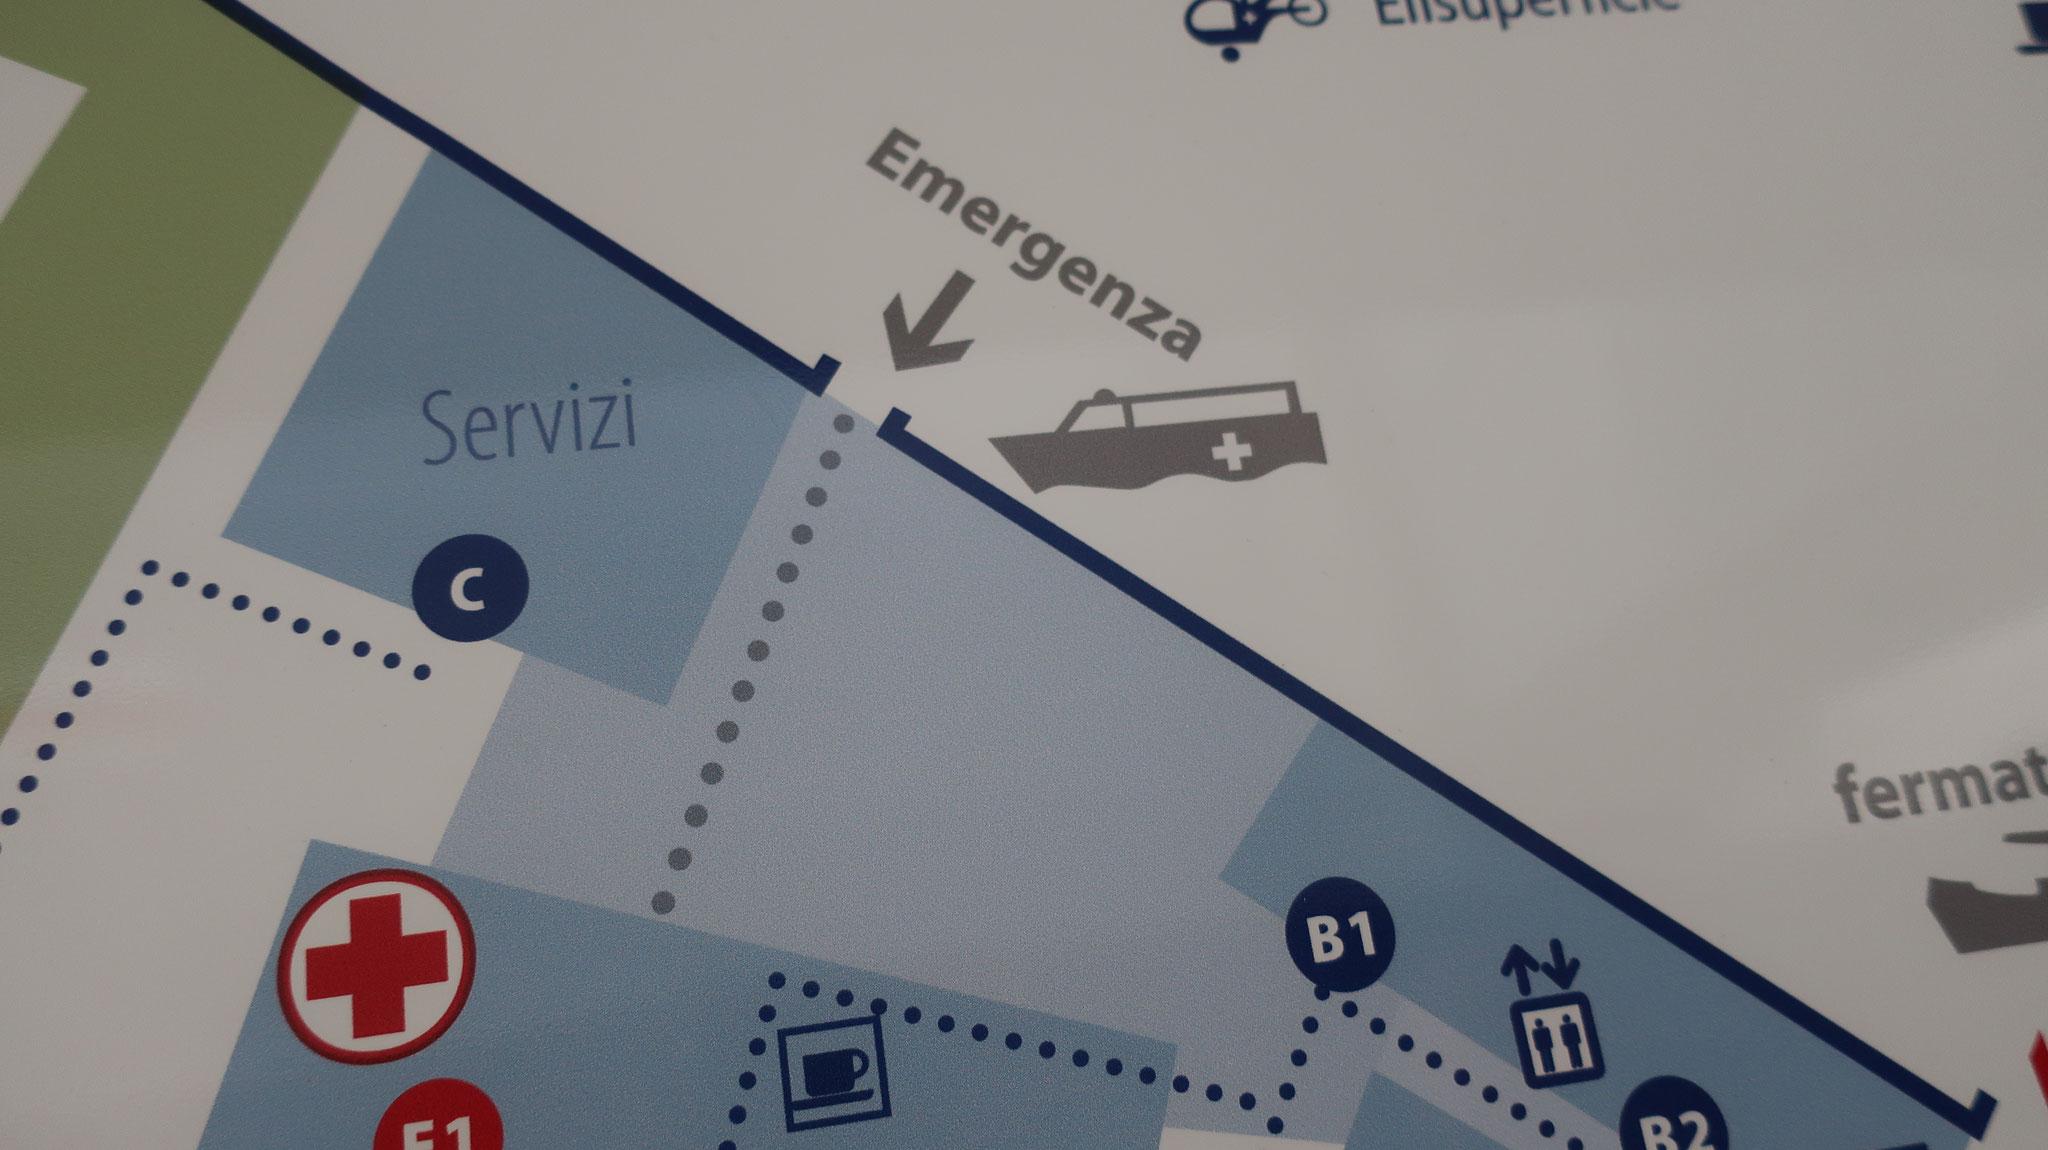 「救急ボート」入口の案内図。「救急車」ではありません。さすが、「水の都」ヴェネツィアです。